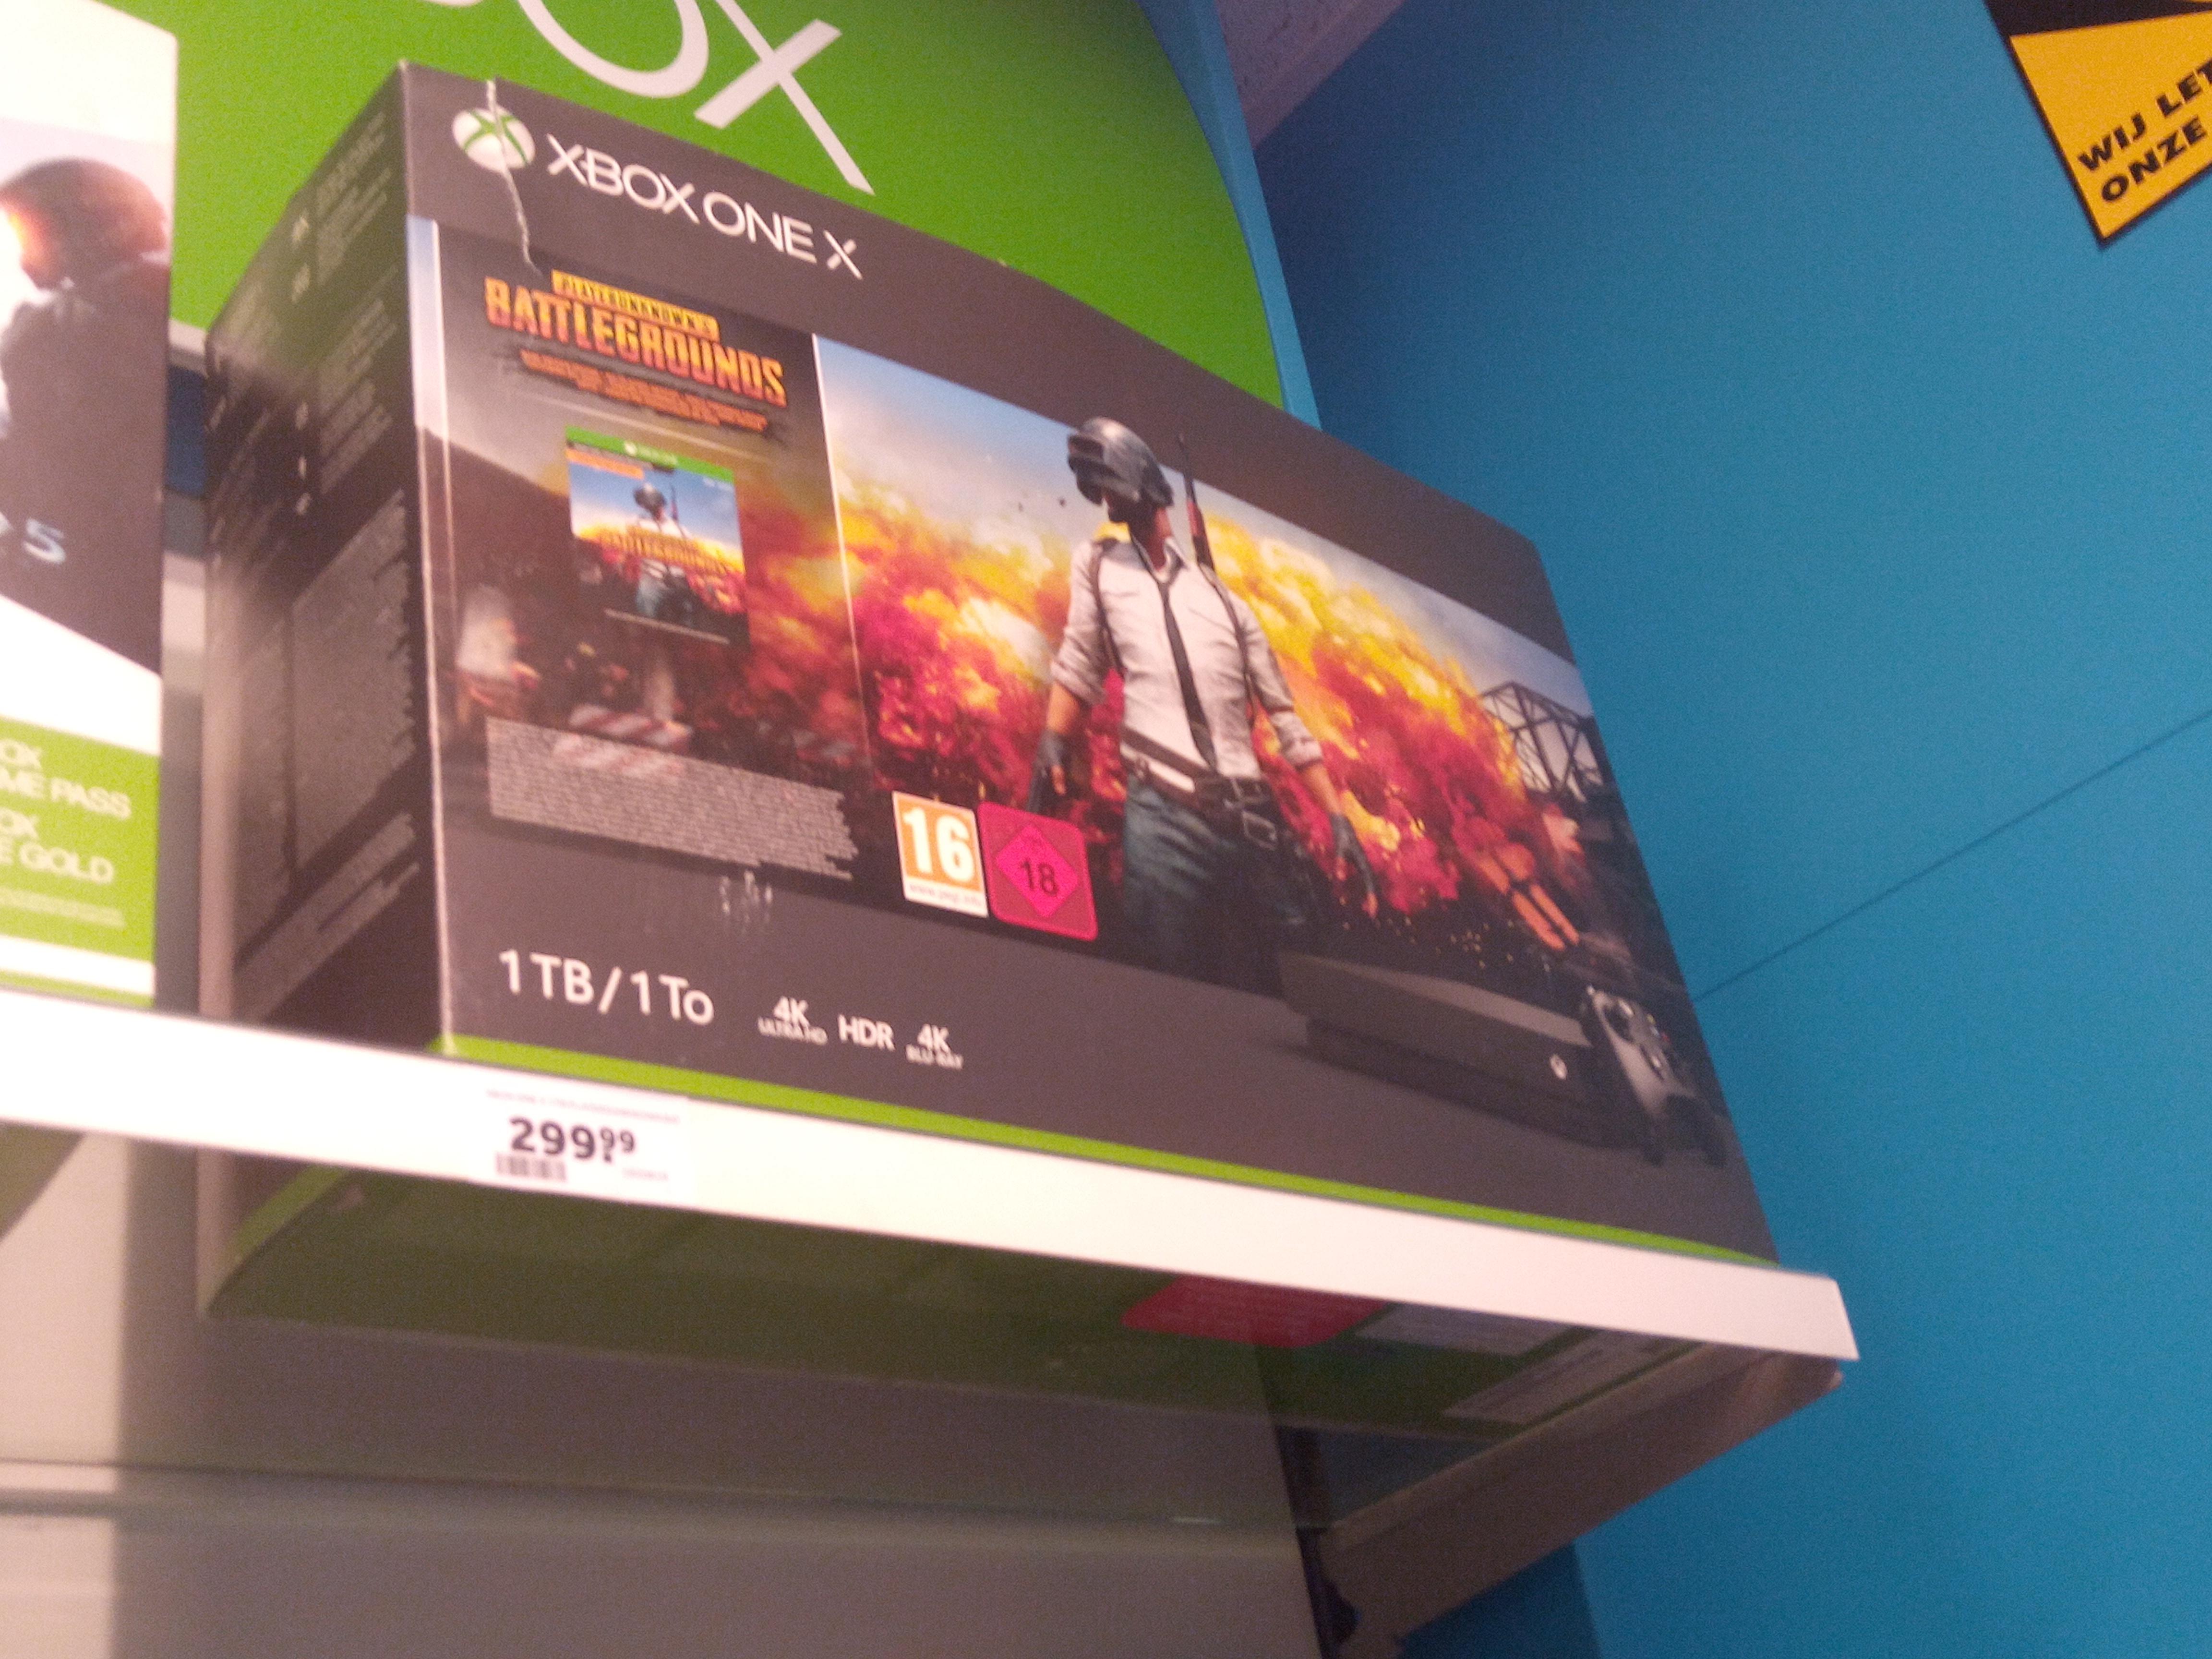 Xbox one x + player unknown battle ground @Intertoys